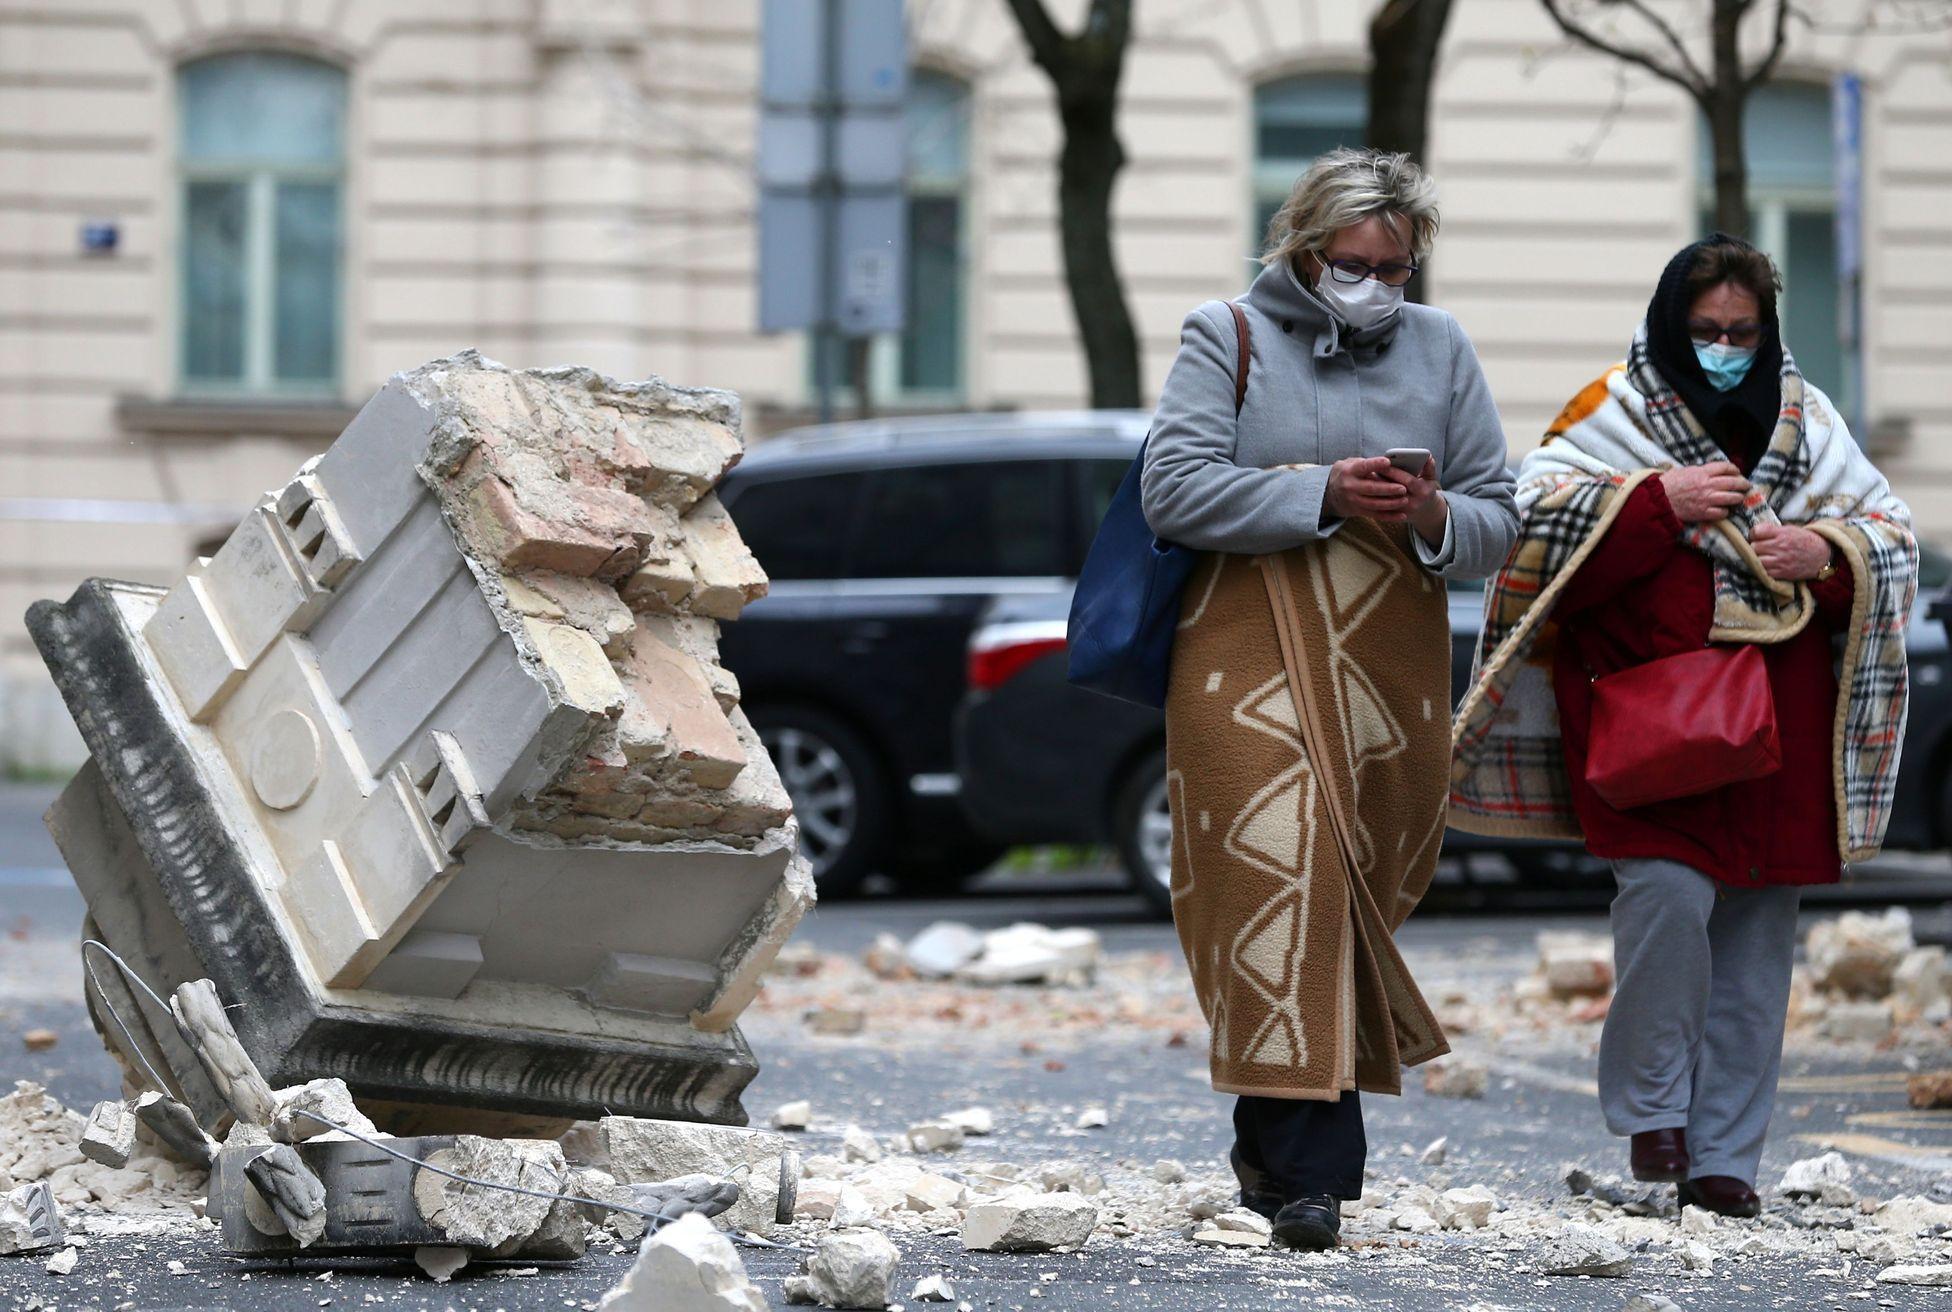 Záhřeb poškodilo zemětřesení. V ulicích jsou sutiny, 17 lidí je zraněných   Aktuálně.cz